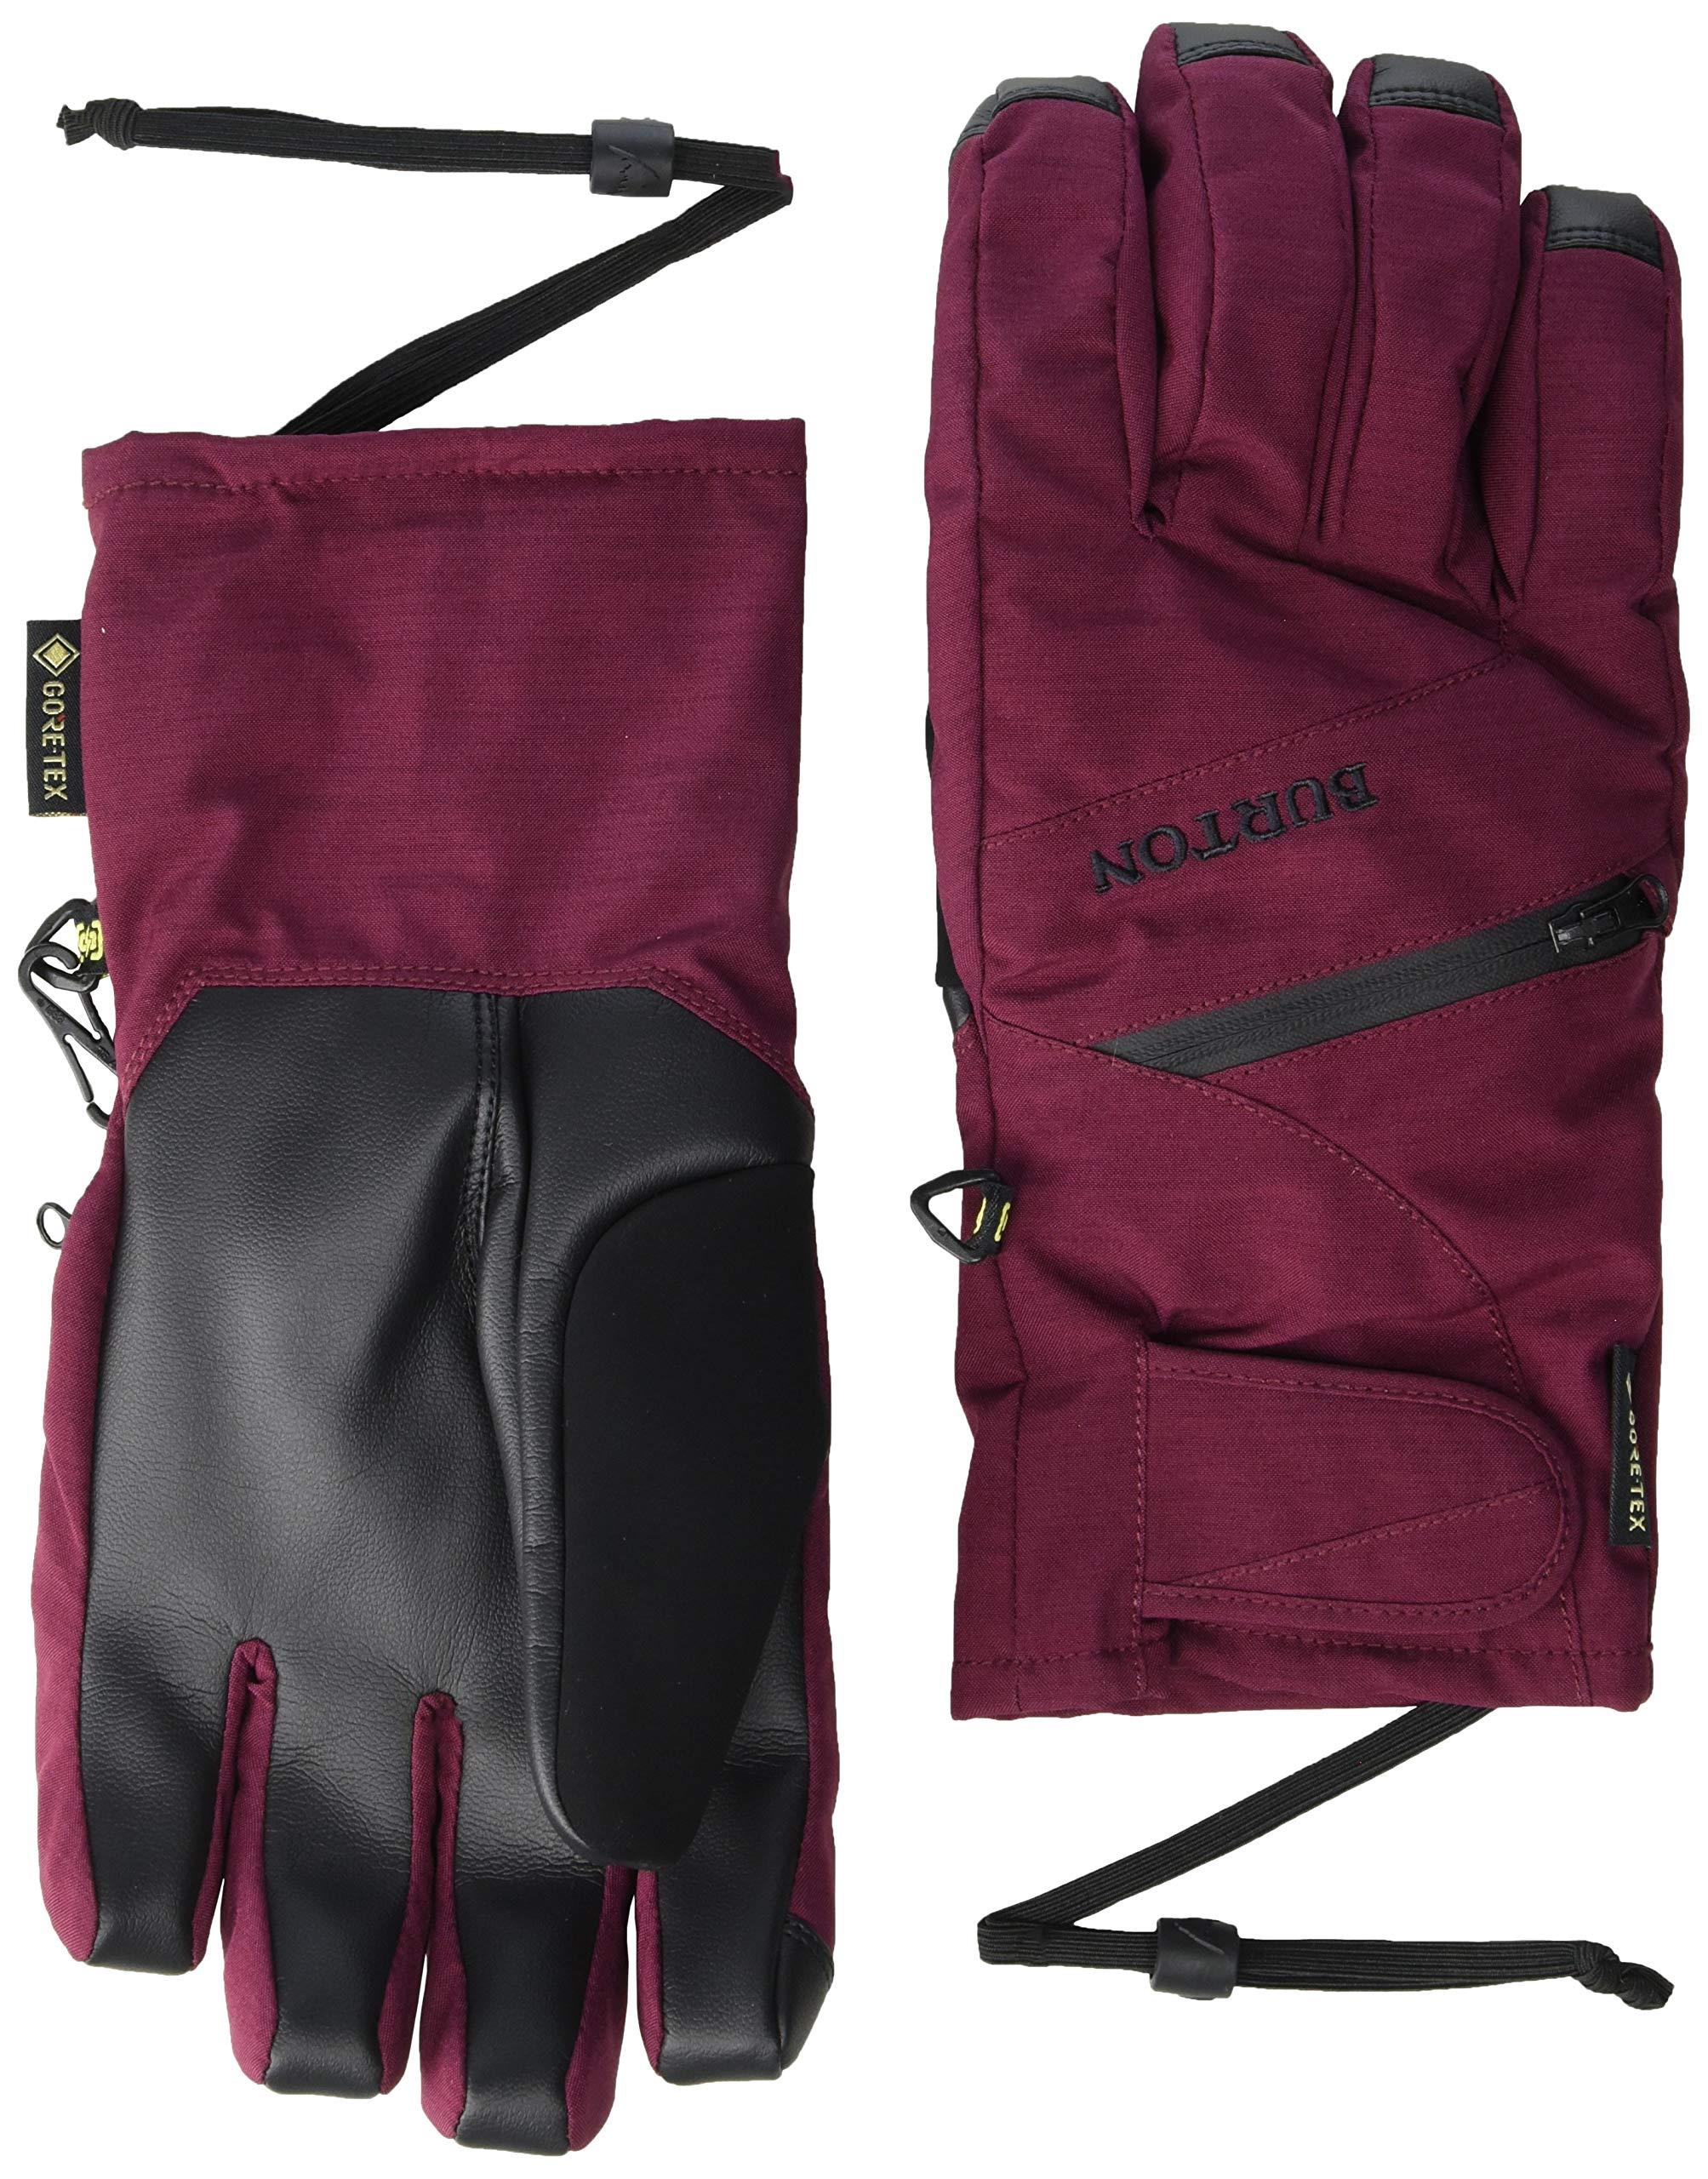 Burton Women's Gore-Tex Warm Technology Under Gloves